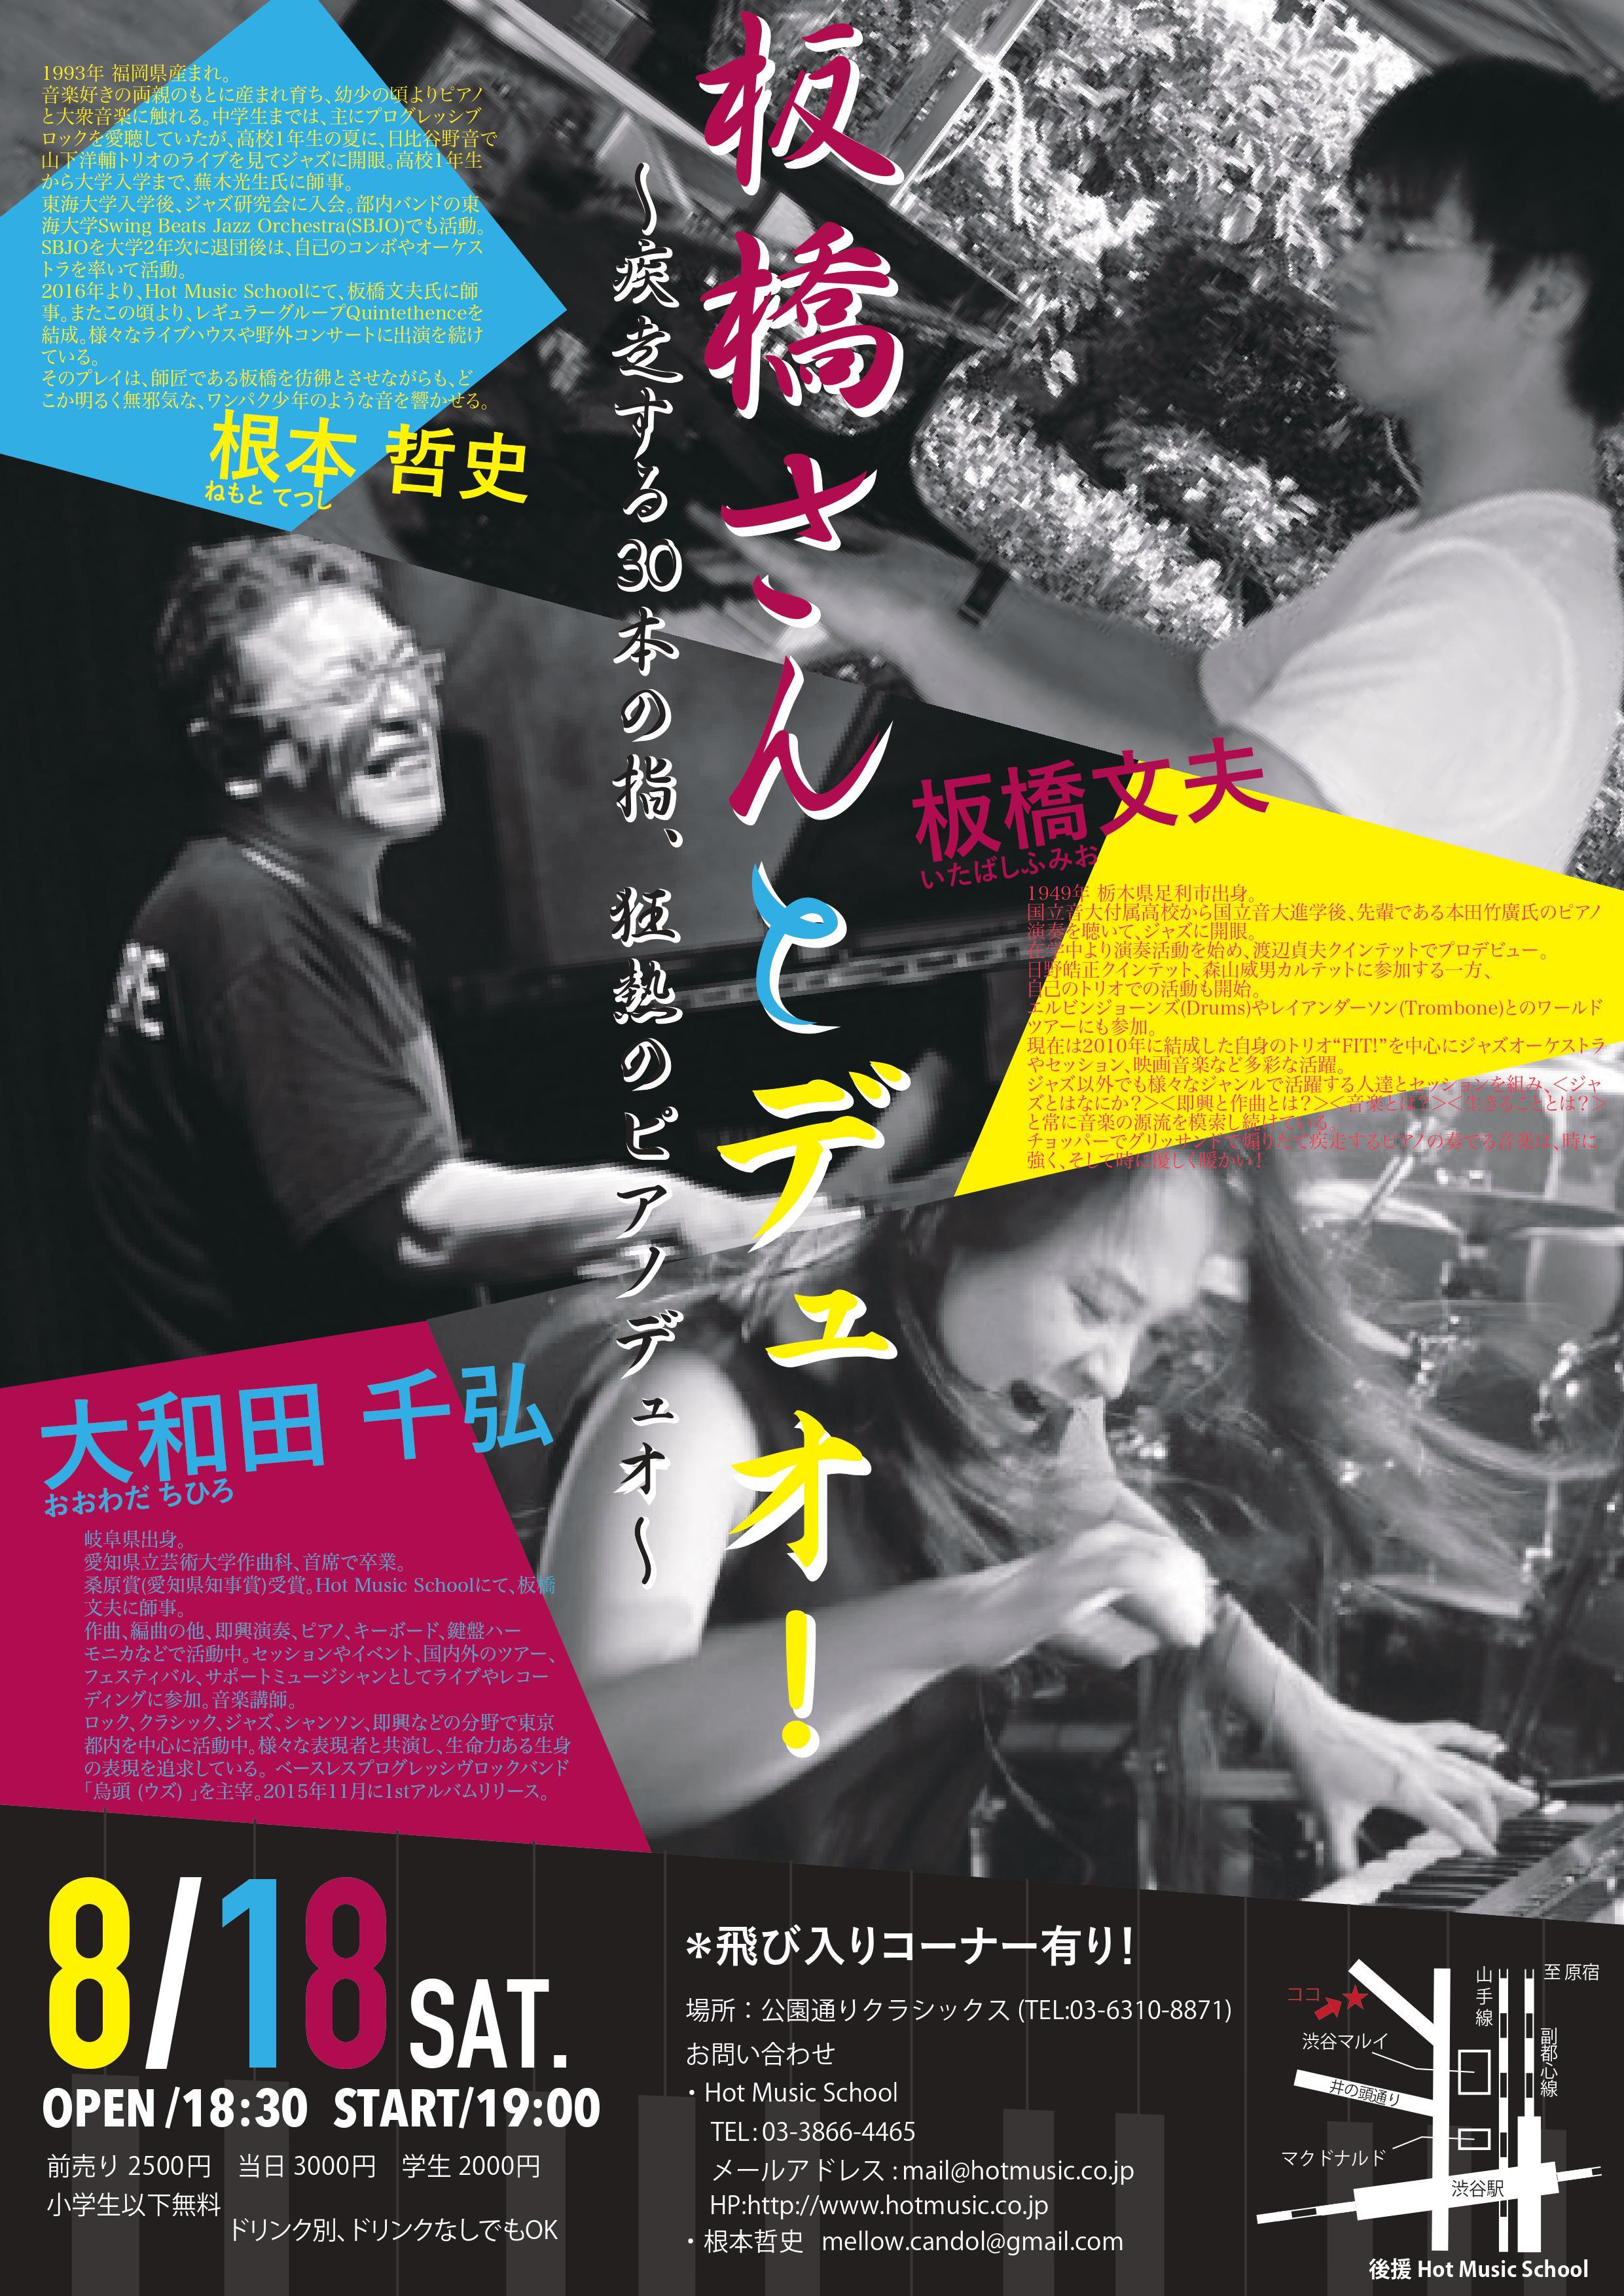 板橋さんとデュオ!〜疾走する30本の指、狂熱のピアノデュオ〜